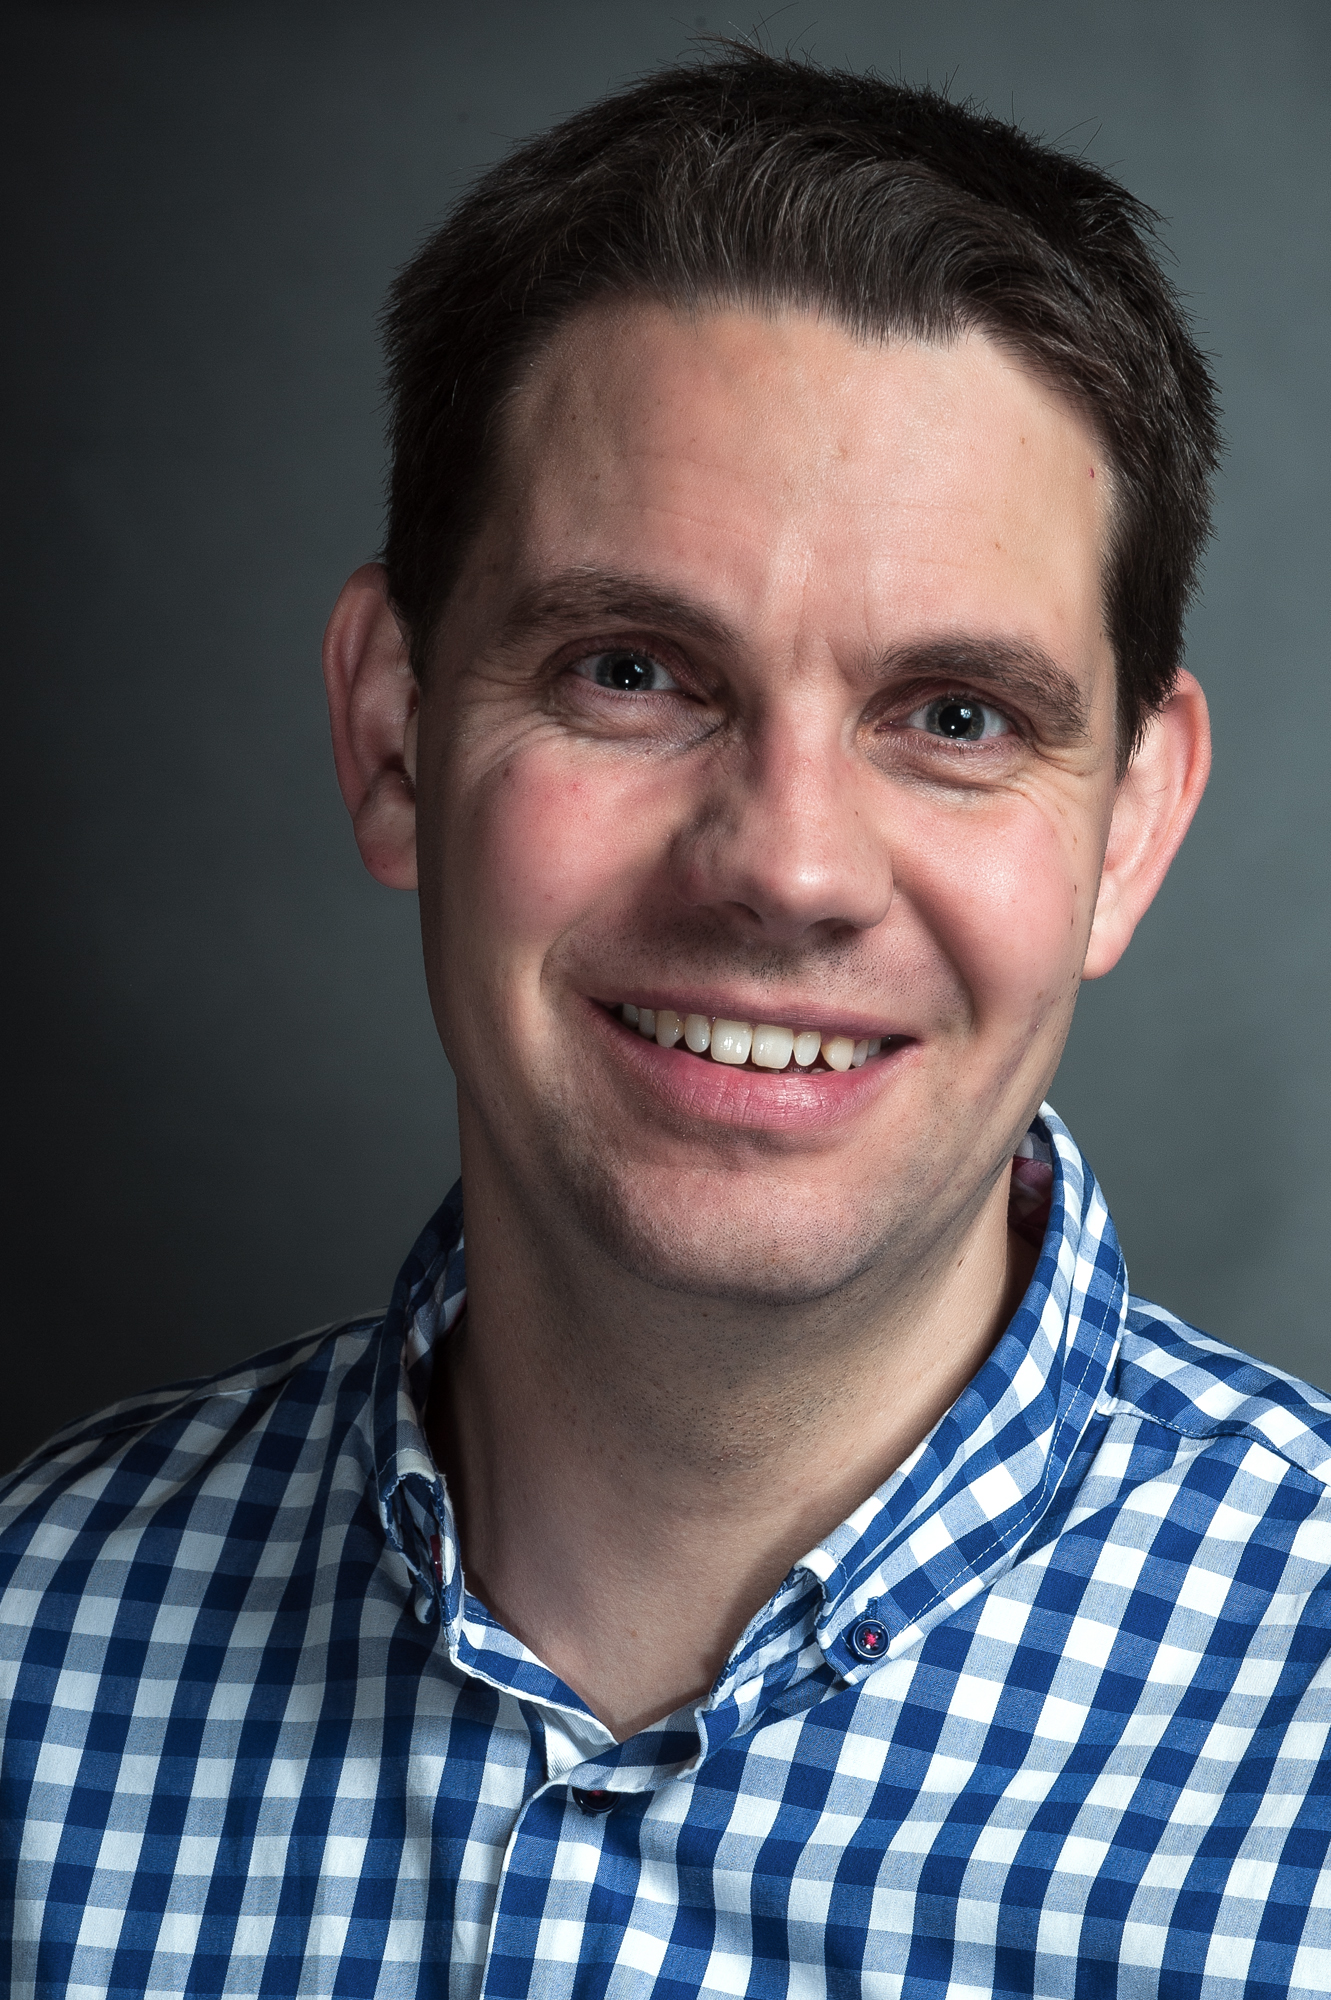 Bastiaan Hopster - Gecertificeerd Google fotograaf